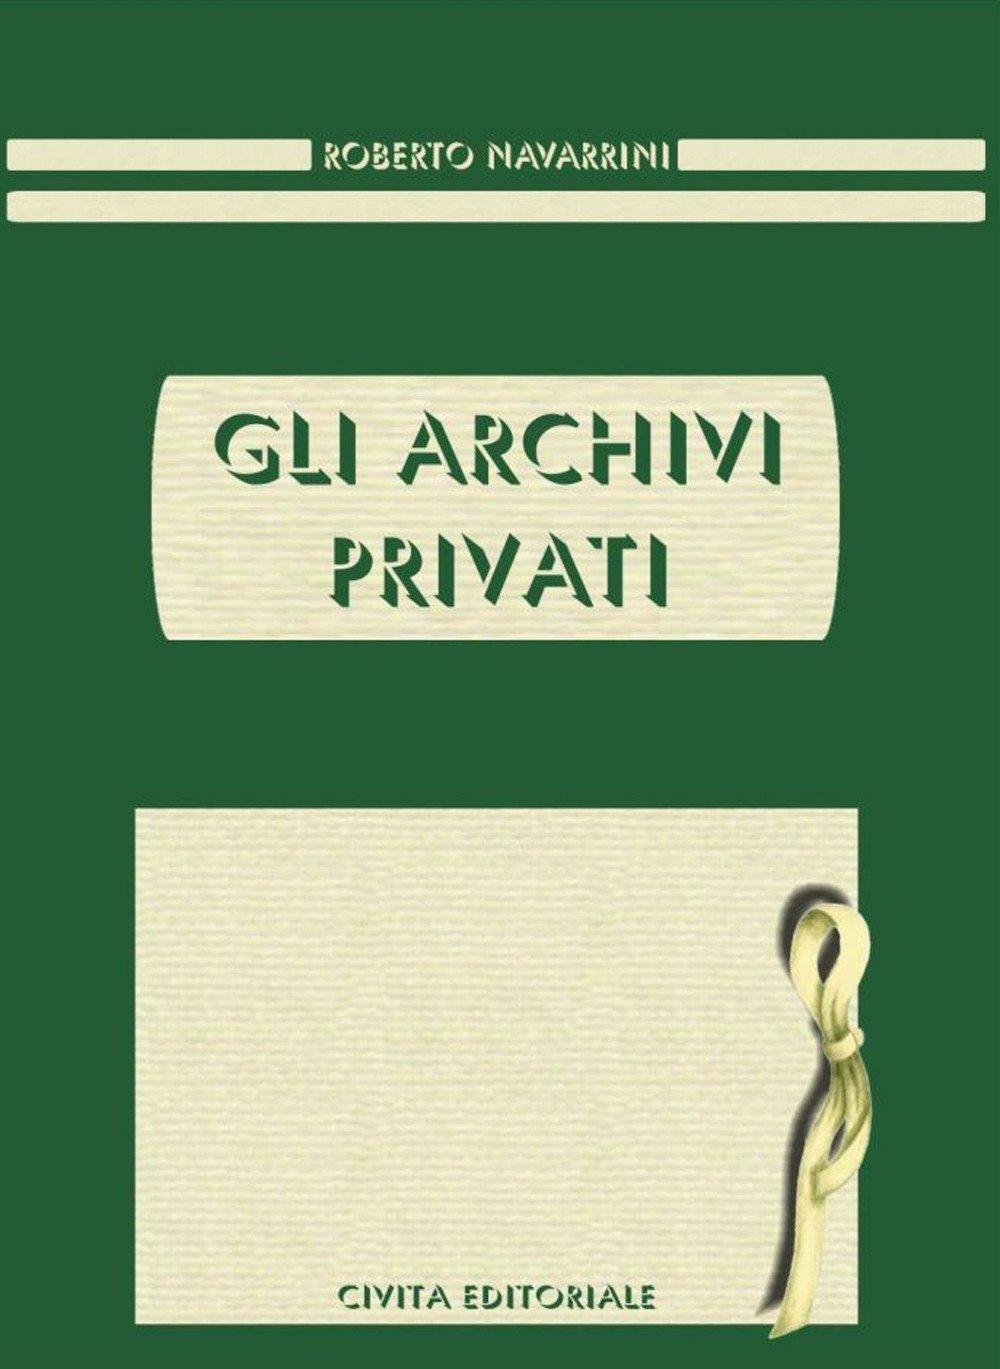 Gli archivi privati Copertina flessibile – 30 apr 2018 Roberto Navarrini Civita 8894143988 BIBLIOGRAFIA E CATALOGHI